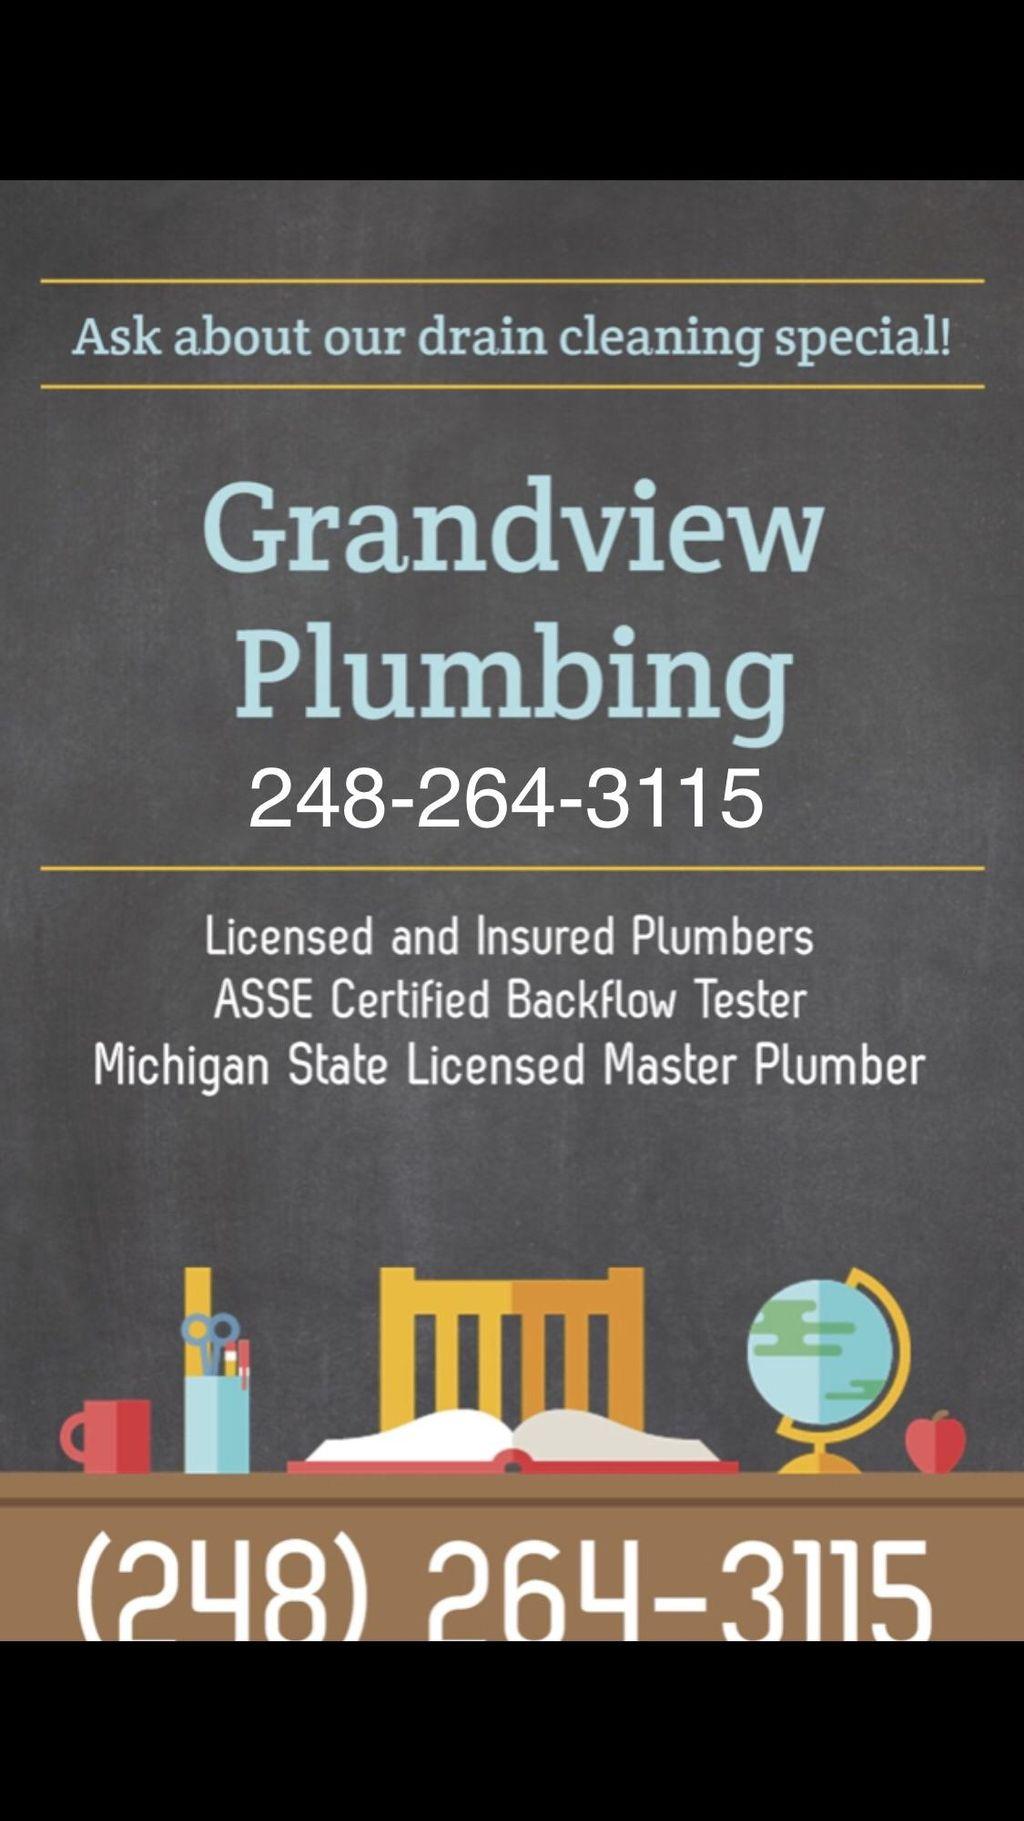 Grandview Plumbing